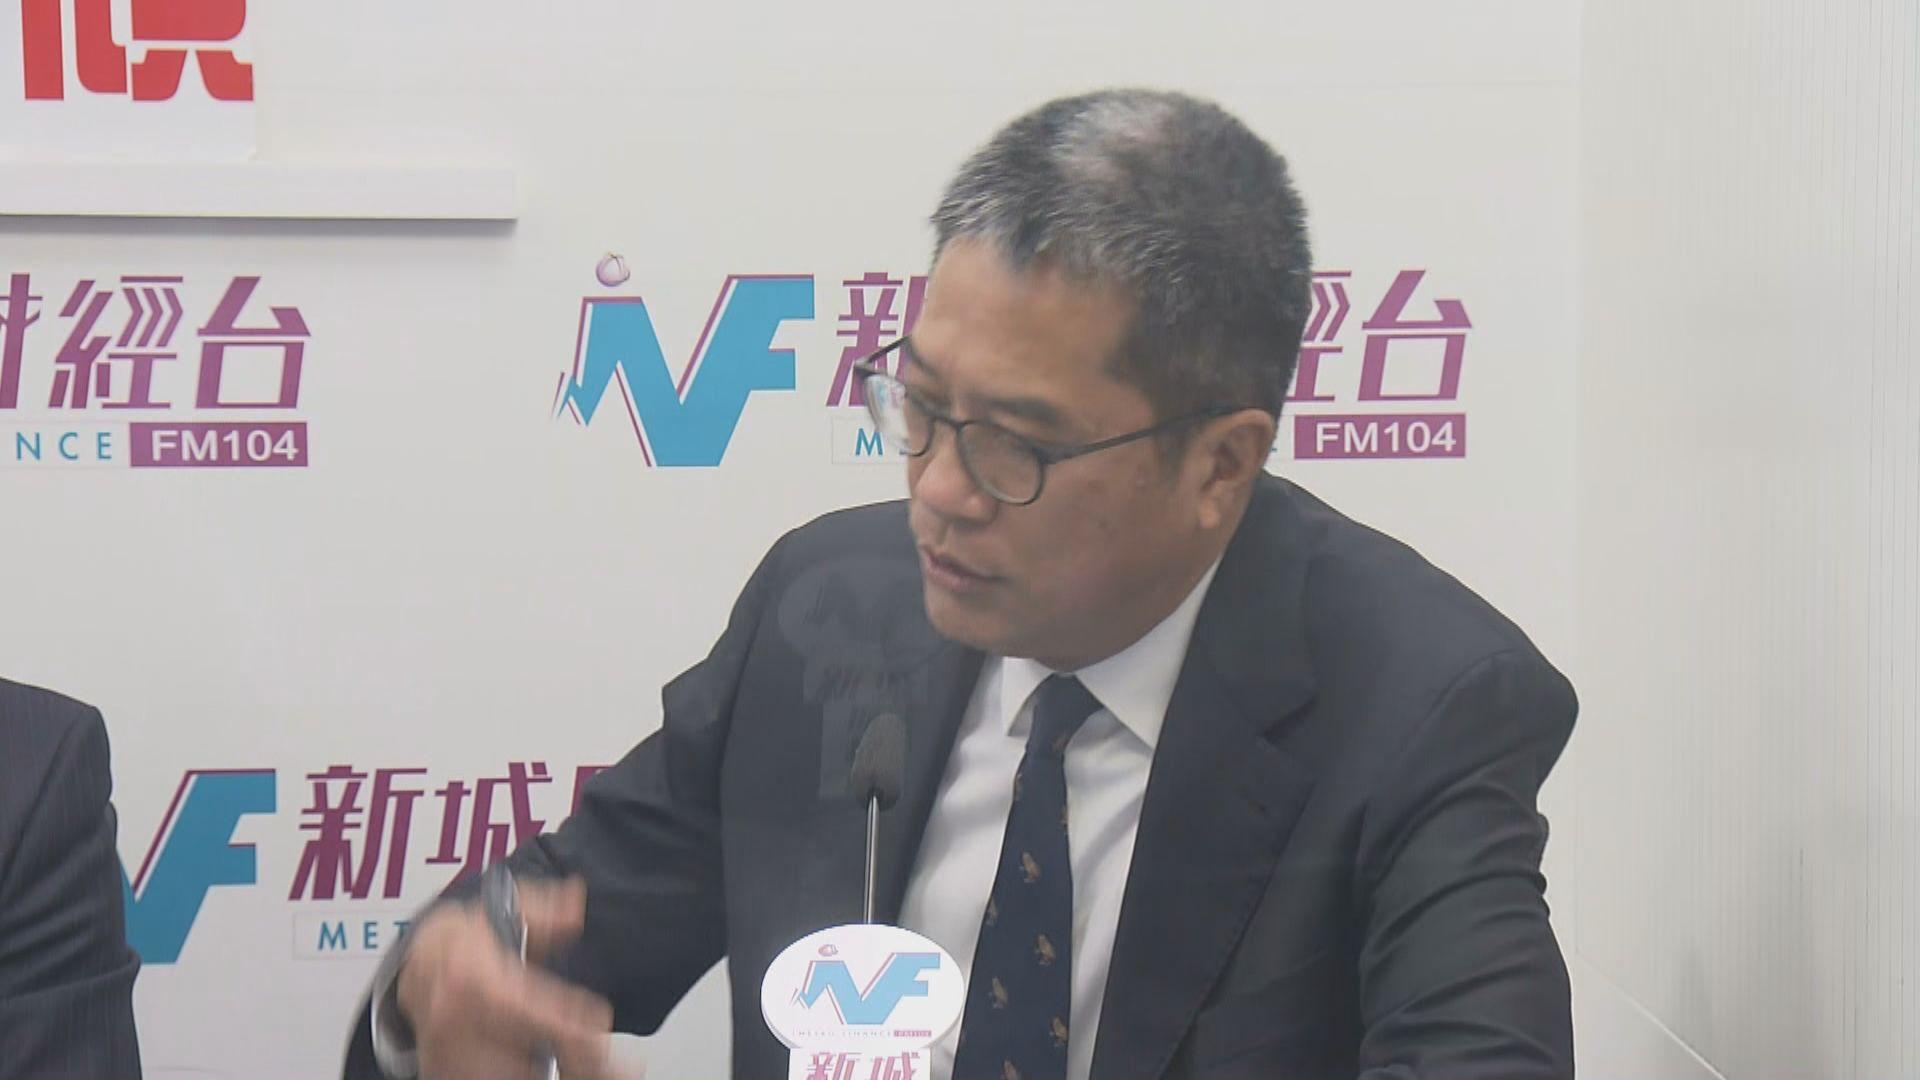 黃偉綸:相信收地仍會受司法覆核挑戰